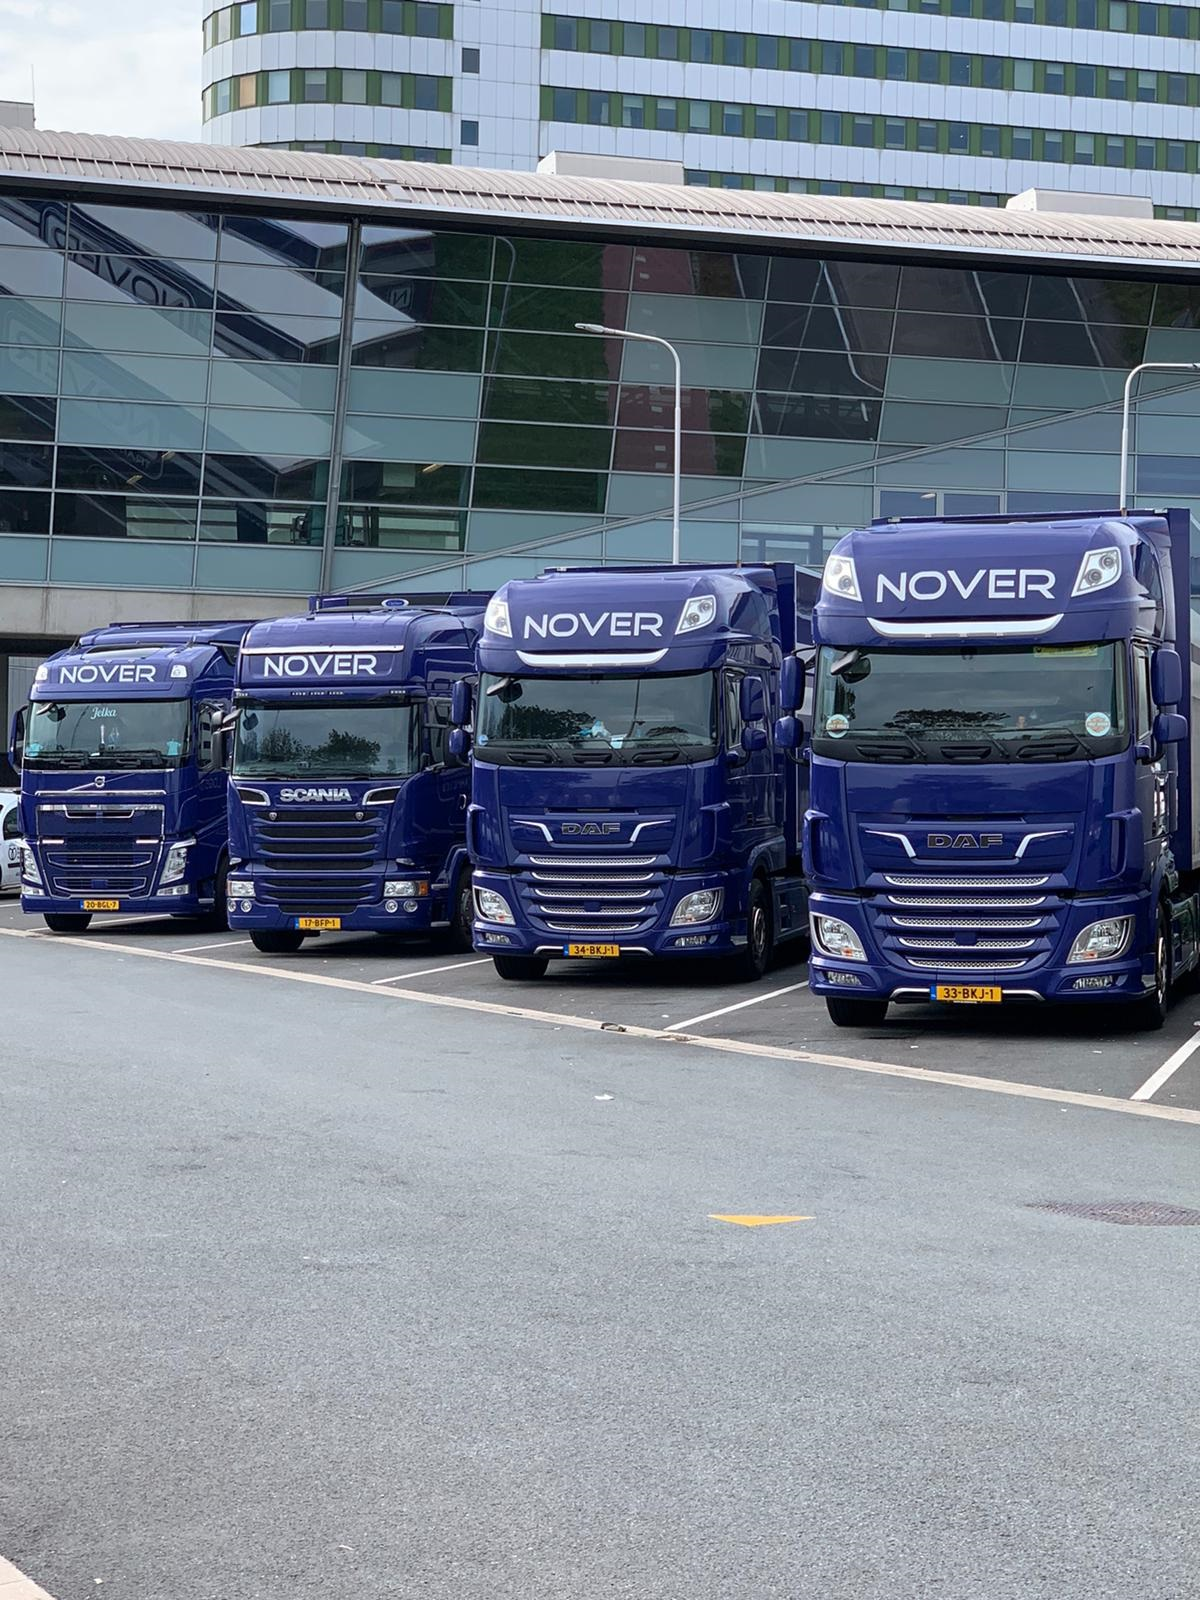 Parking-Vrachtwagens-Nover